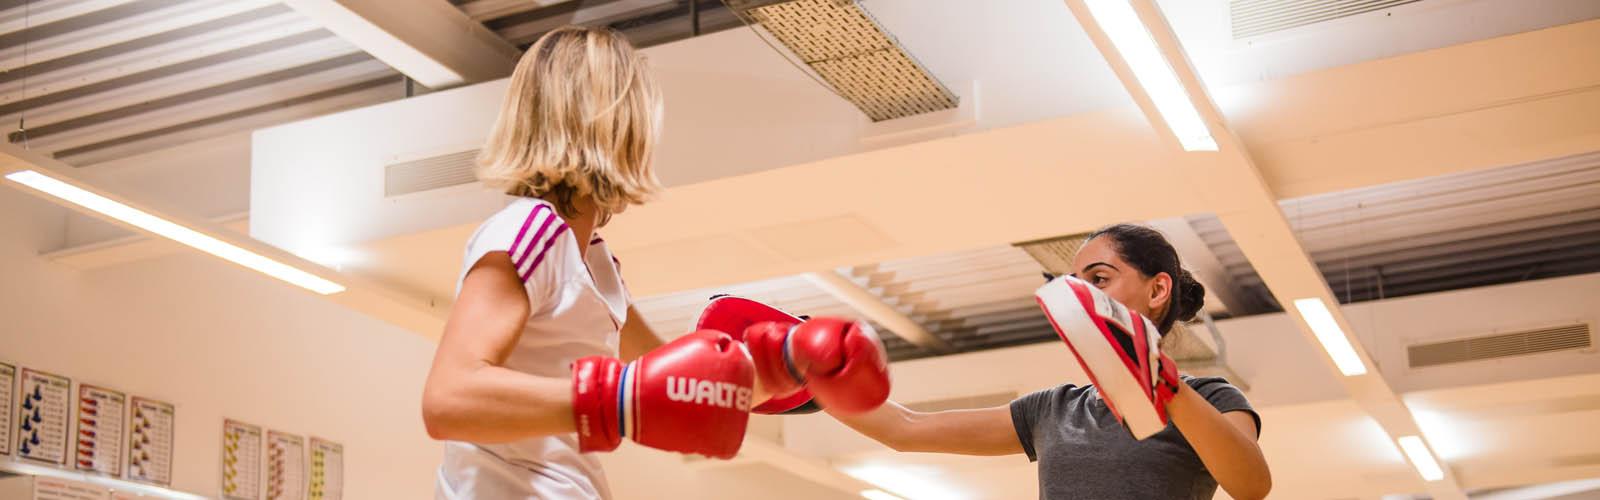 slider-boxing-new2